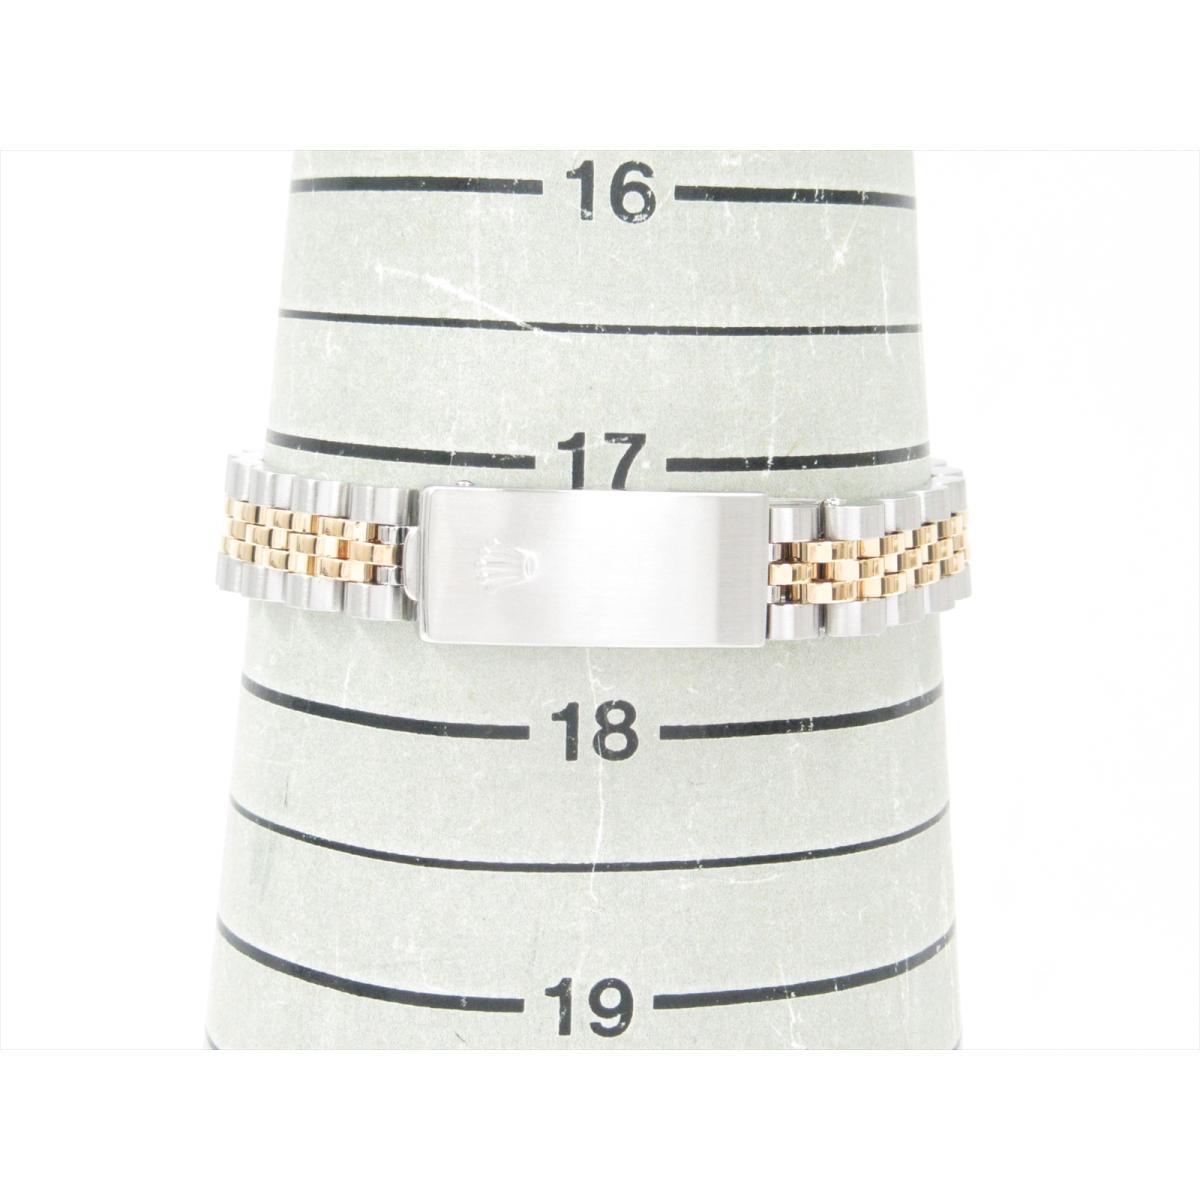 ROLEX 時計 69173 デイトジャスト 腕時計/レディース/おすすめ/SALE/お買得品